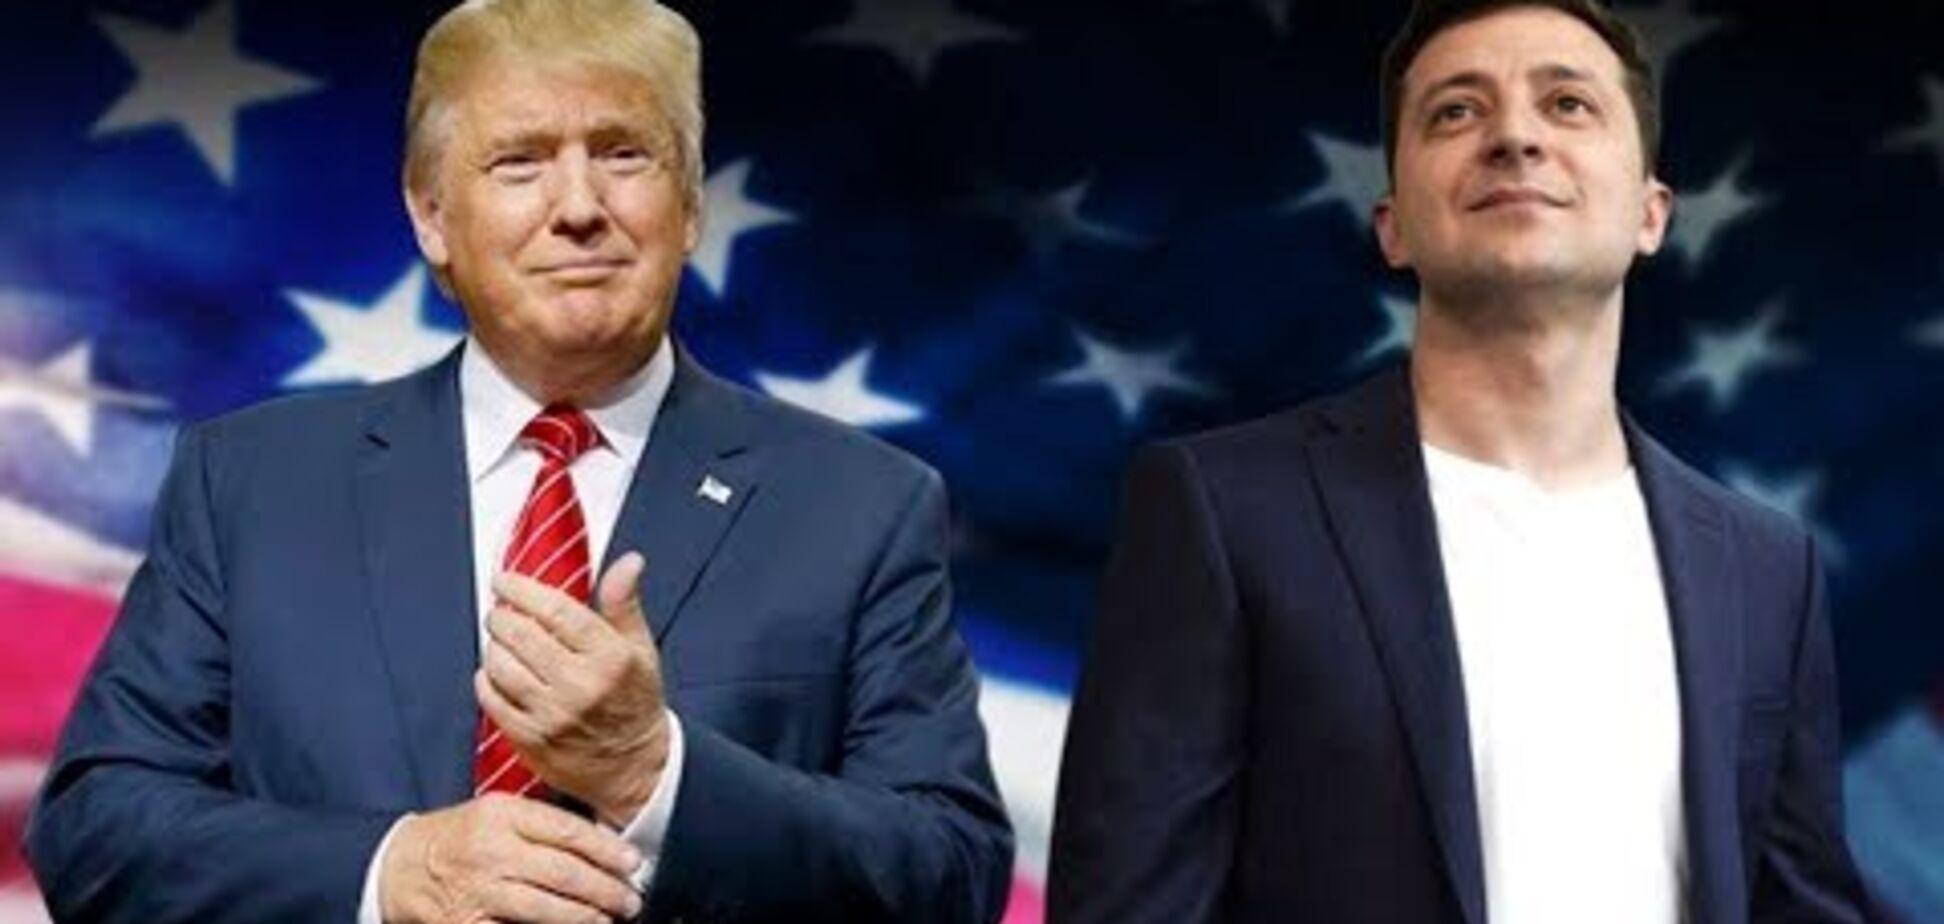 Трамп попал в международный скандал из-за Зеленского и Украины